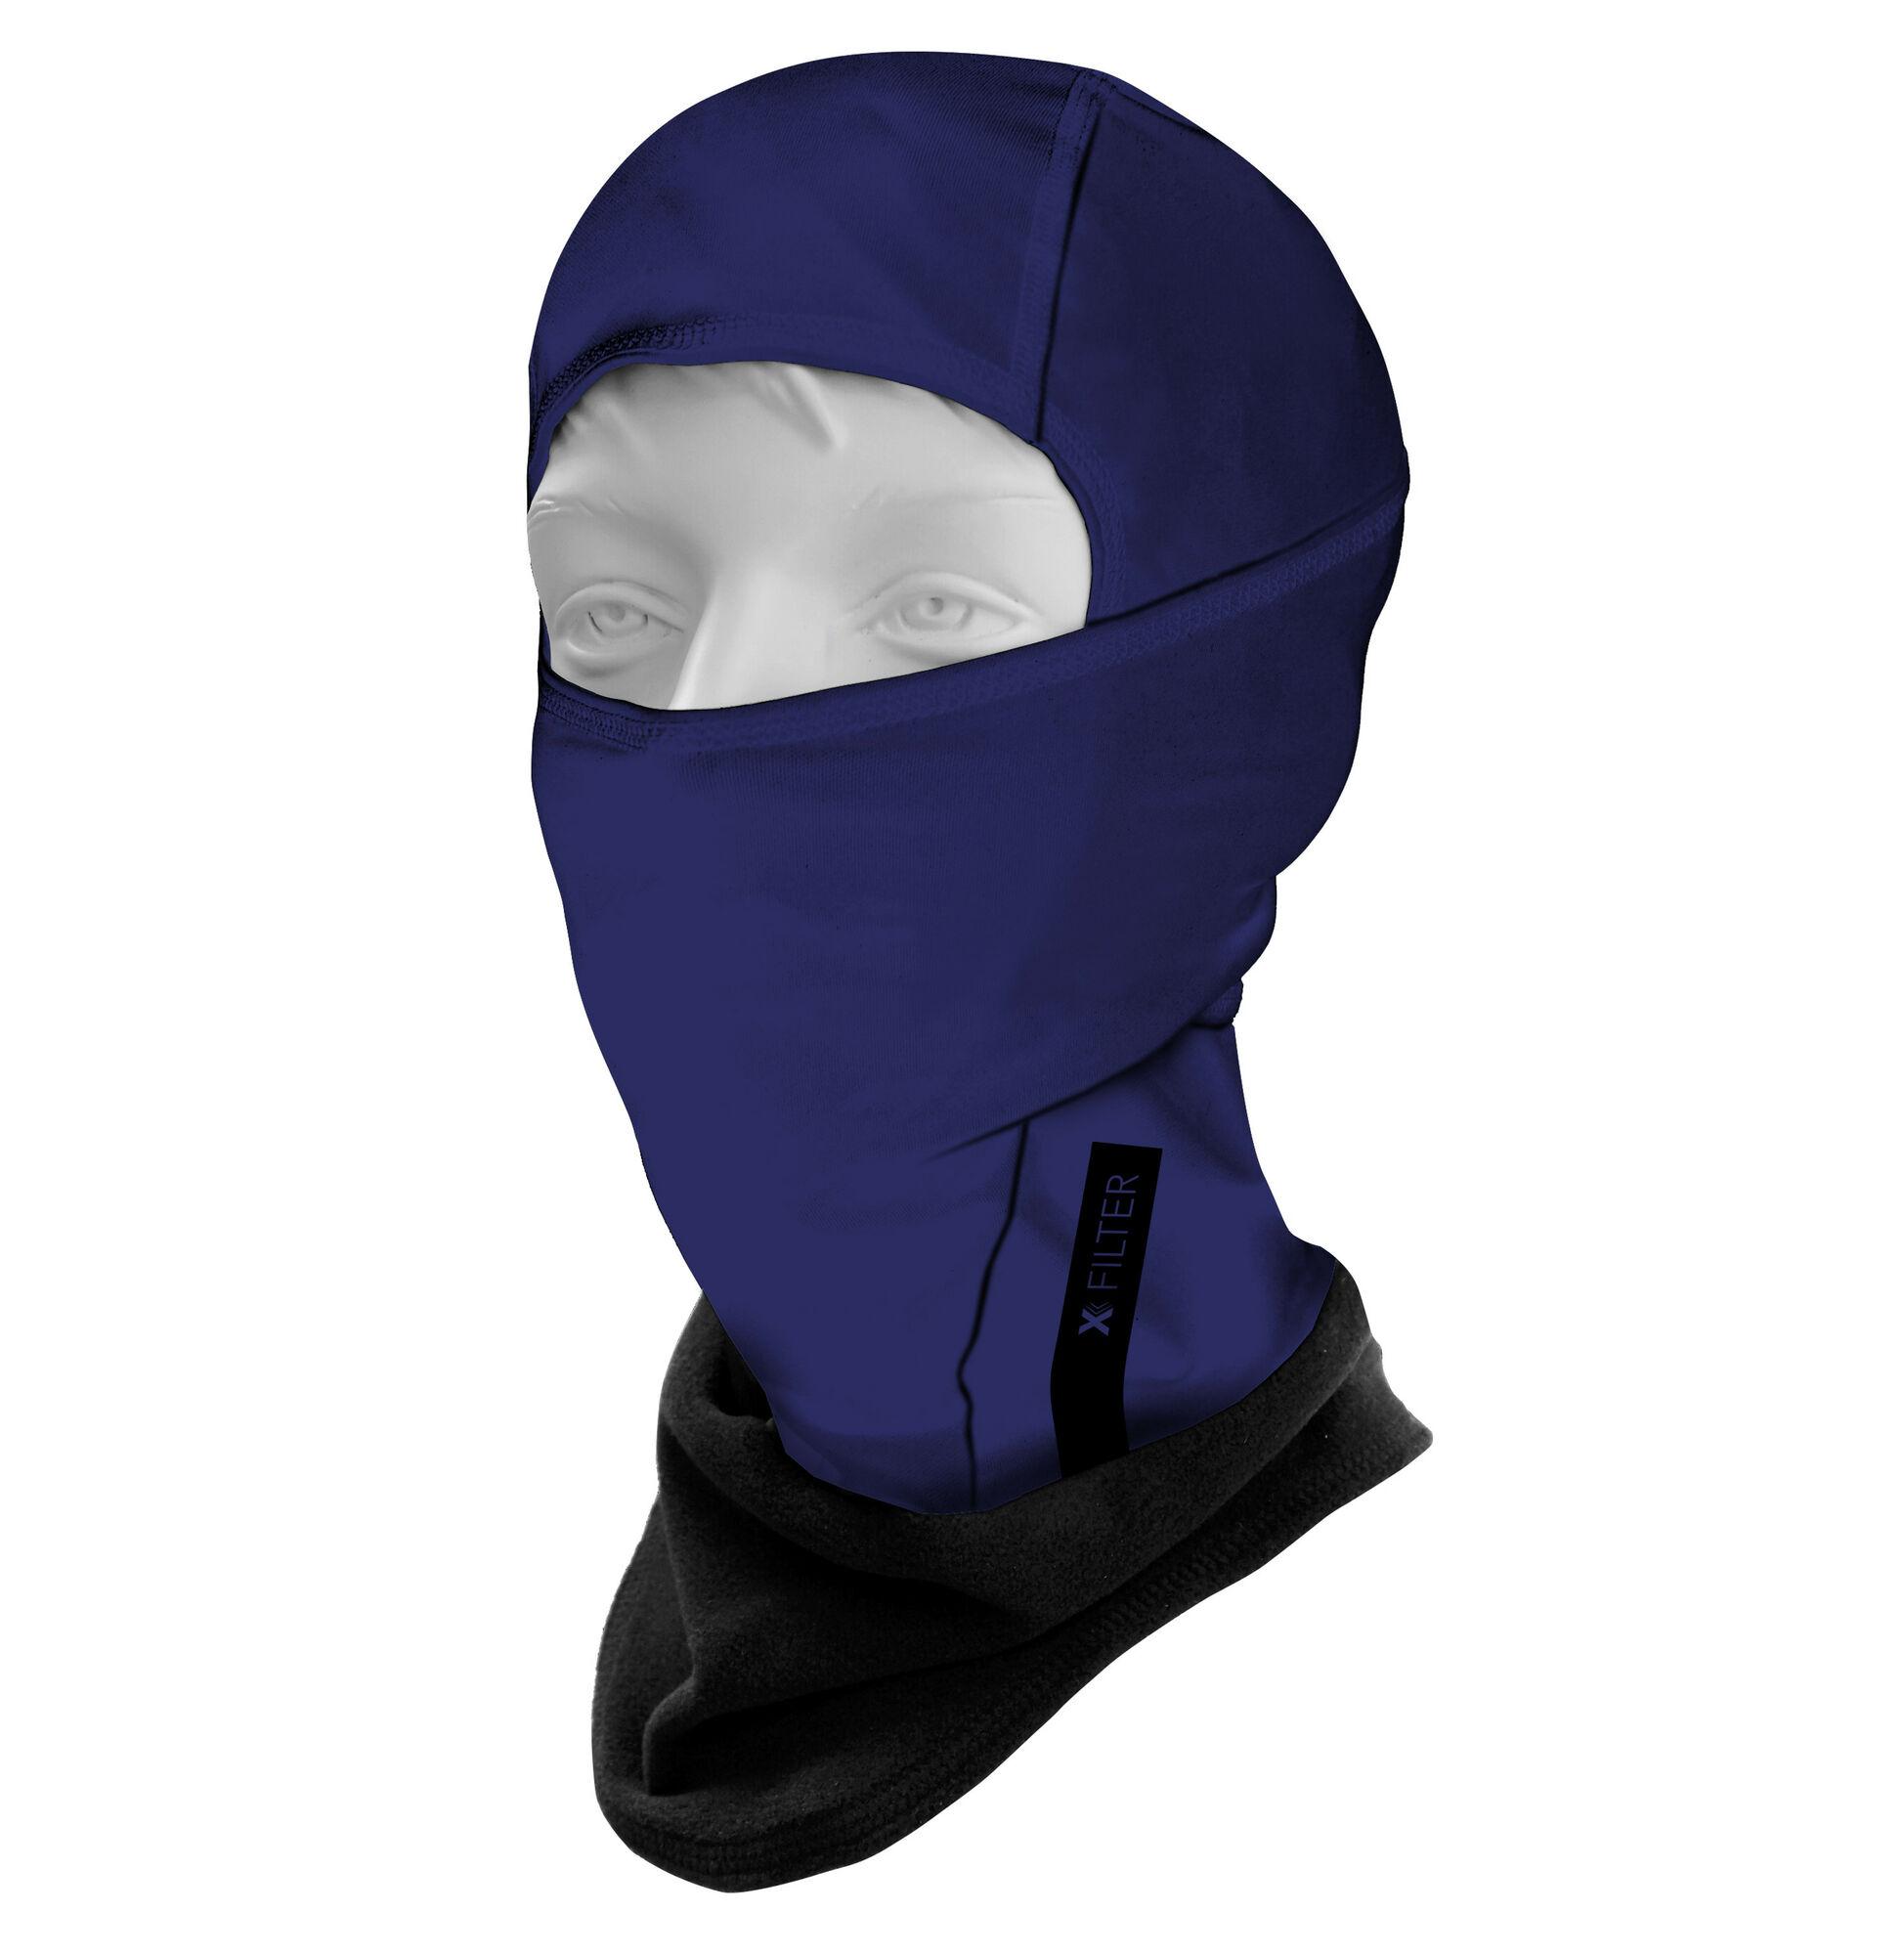 H.A.D. Mask X-Filter (Dunkelblau)